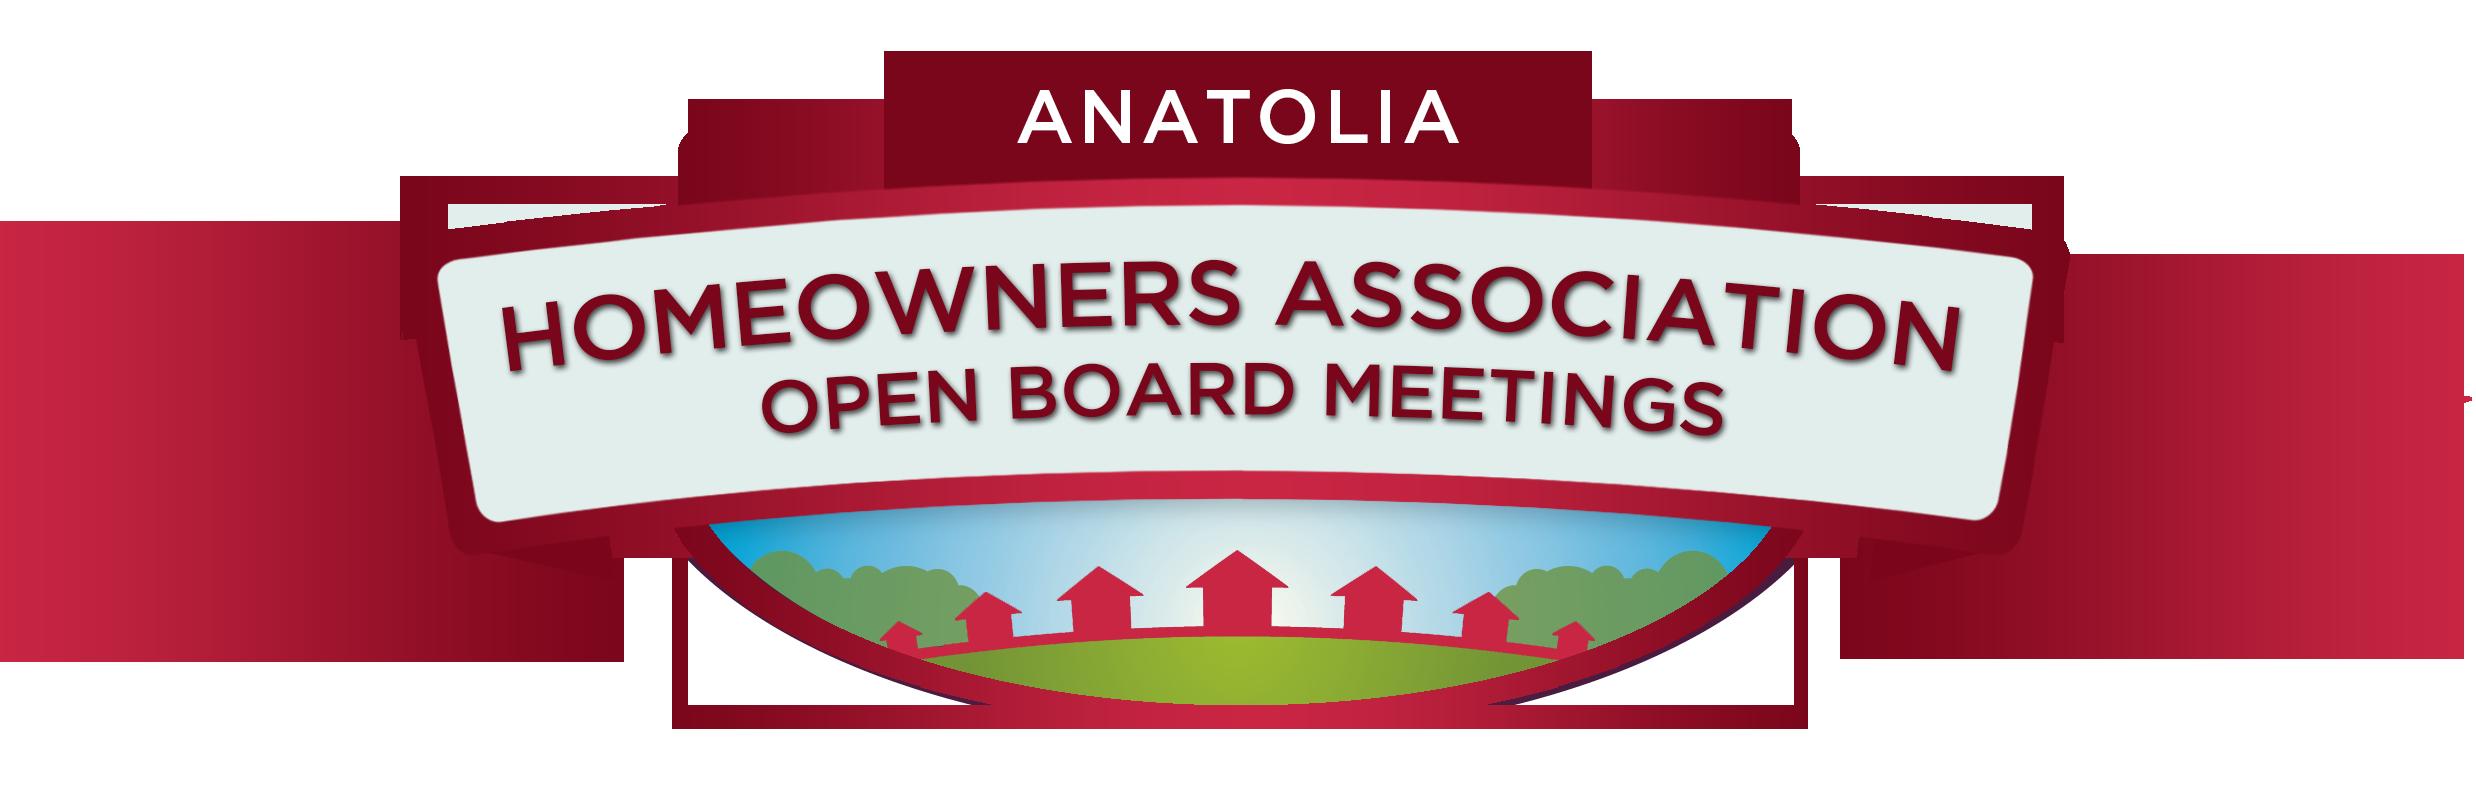 board-meetings.png